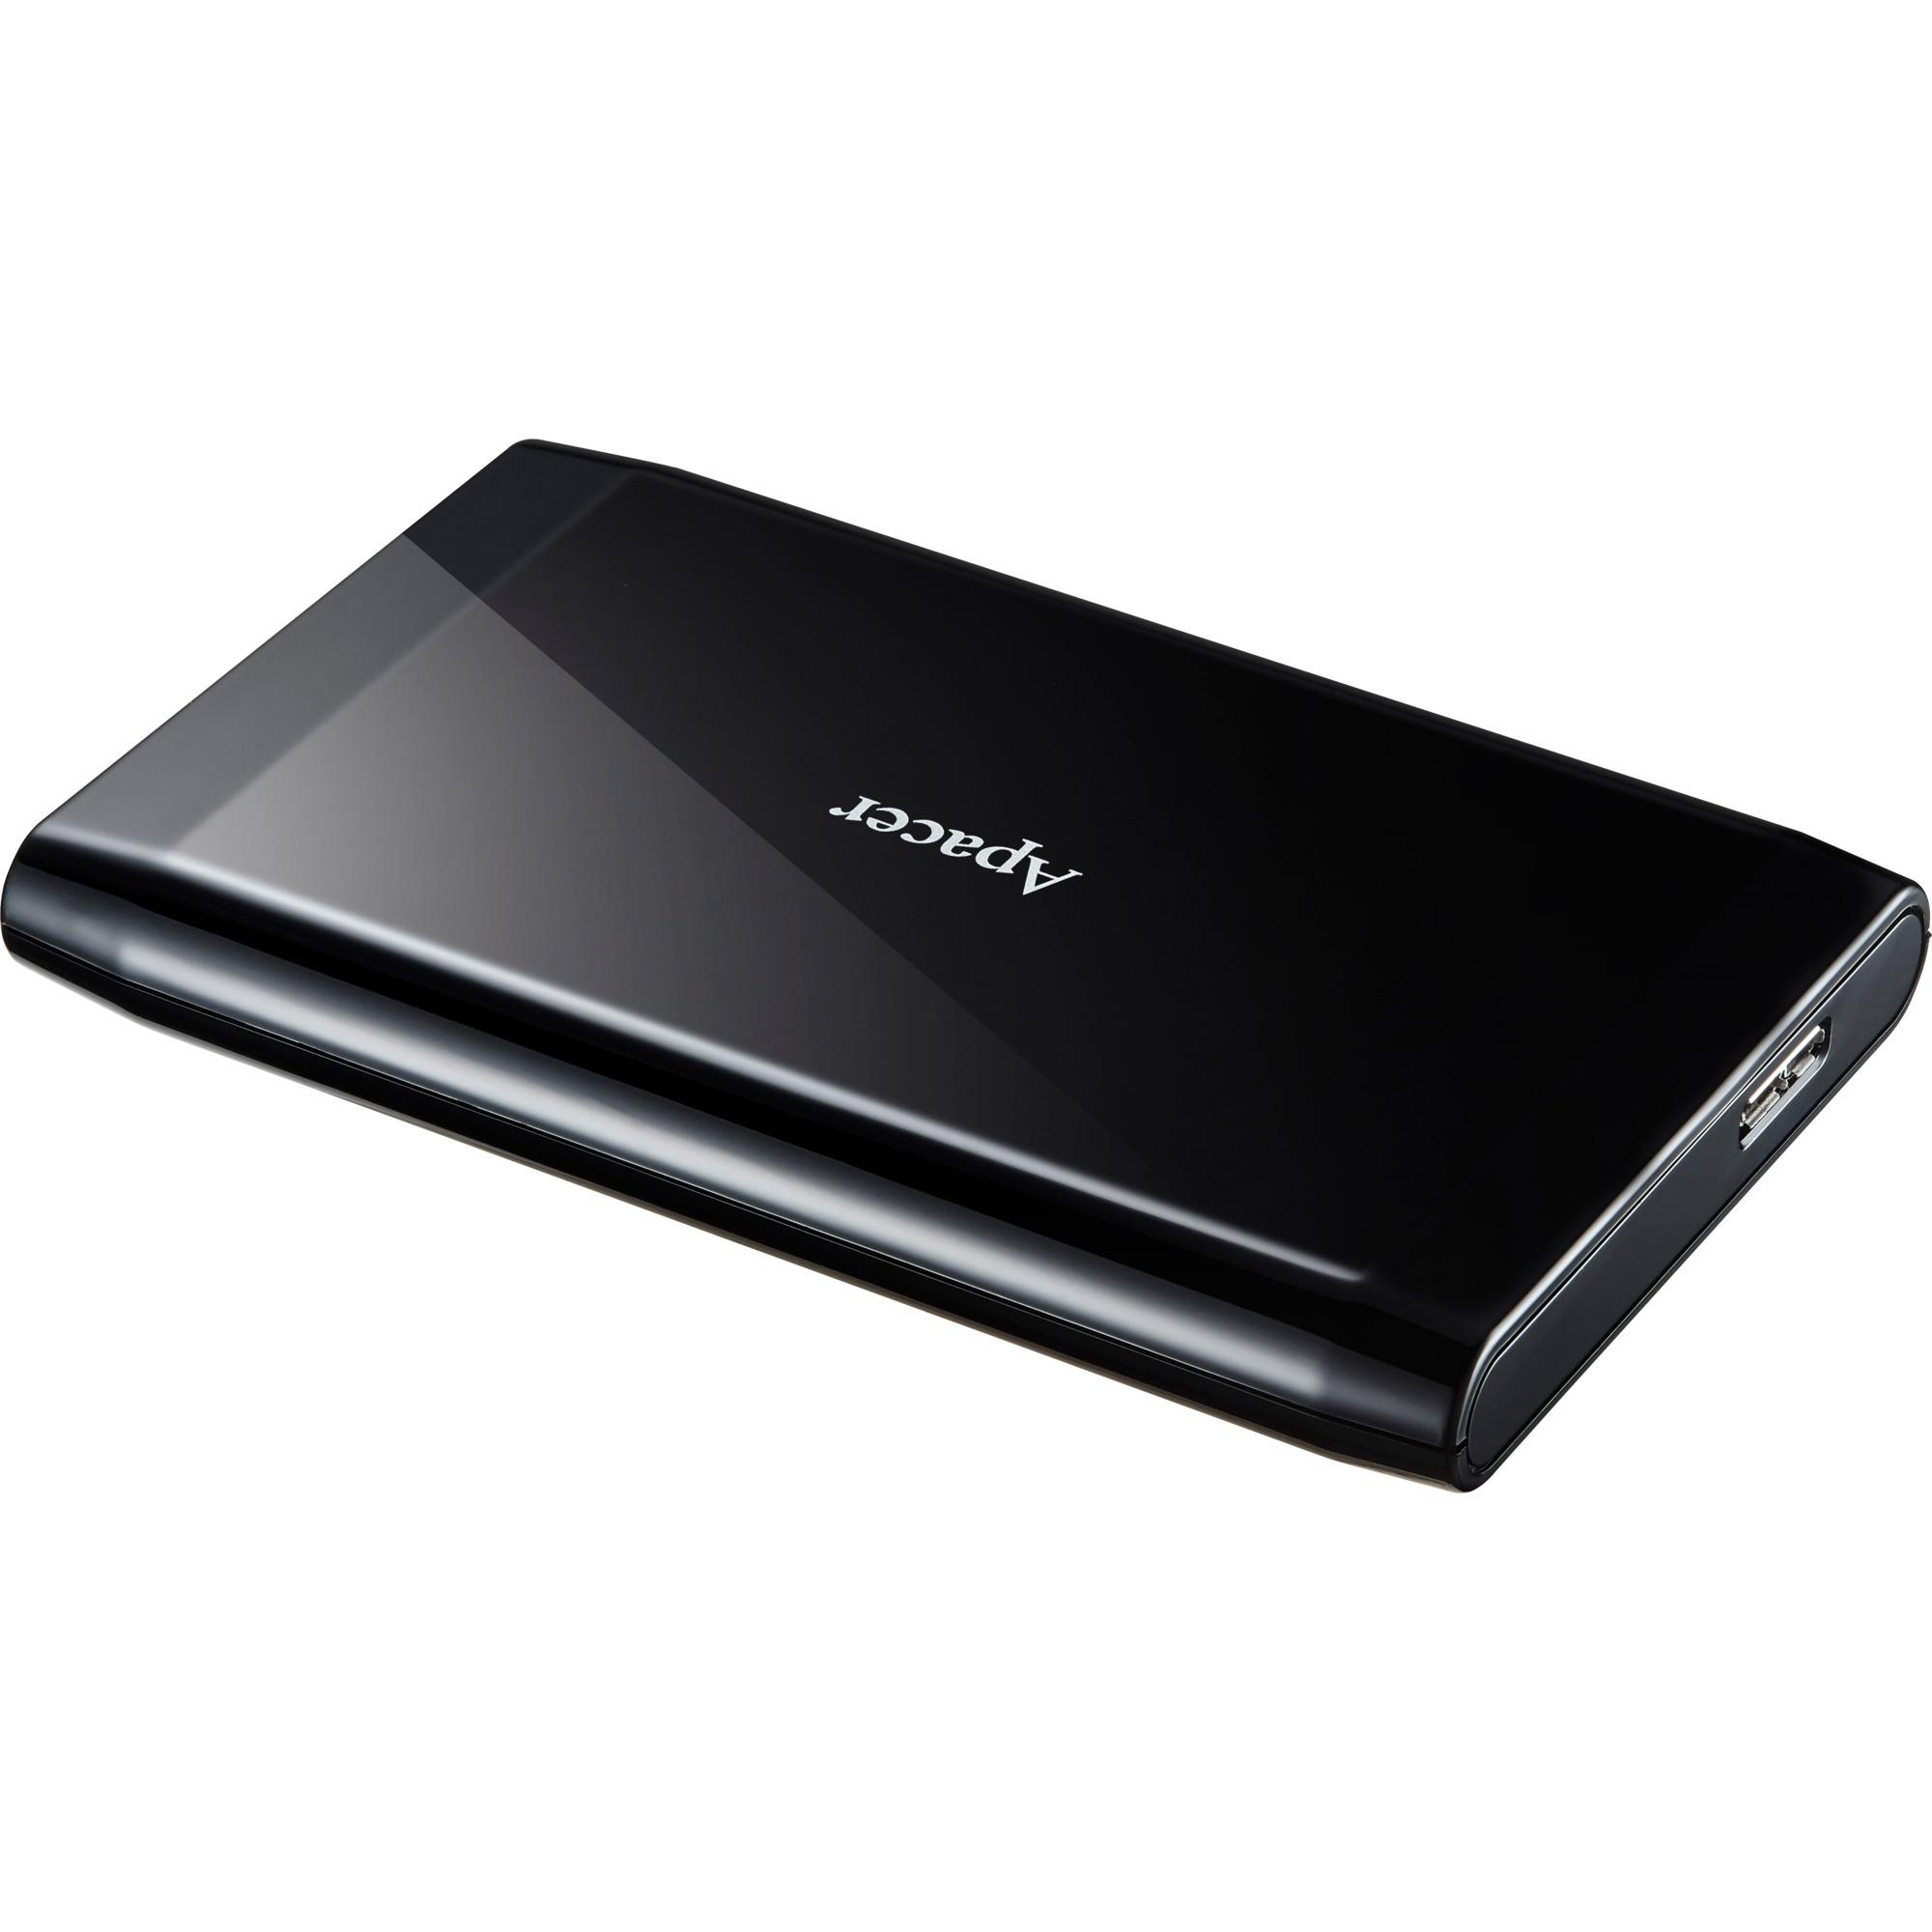 AC235 disco duro externo 500 GB Negro, Unidad de disco duro